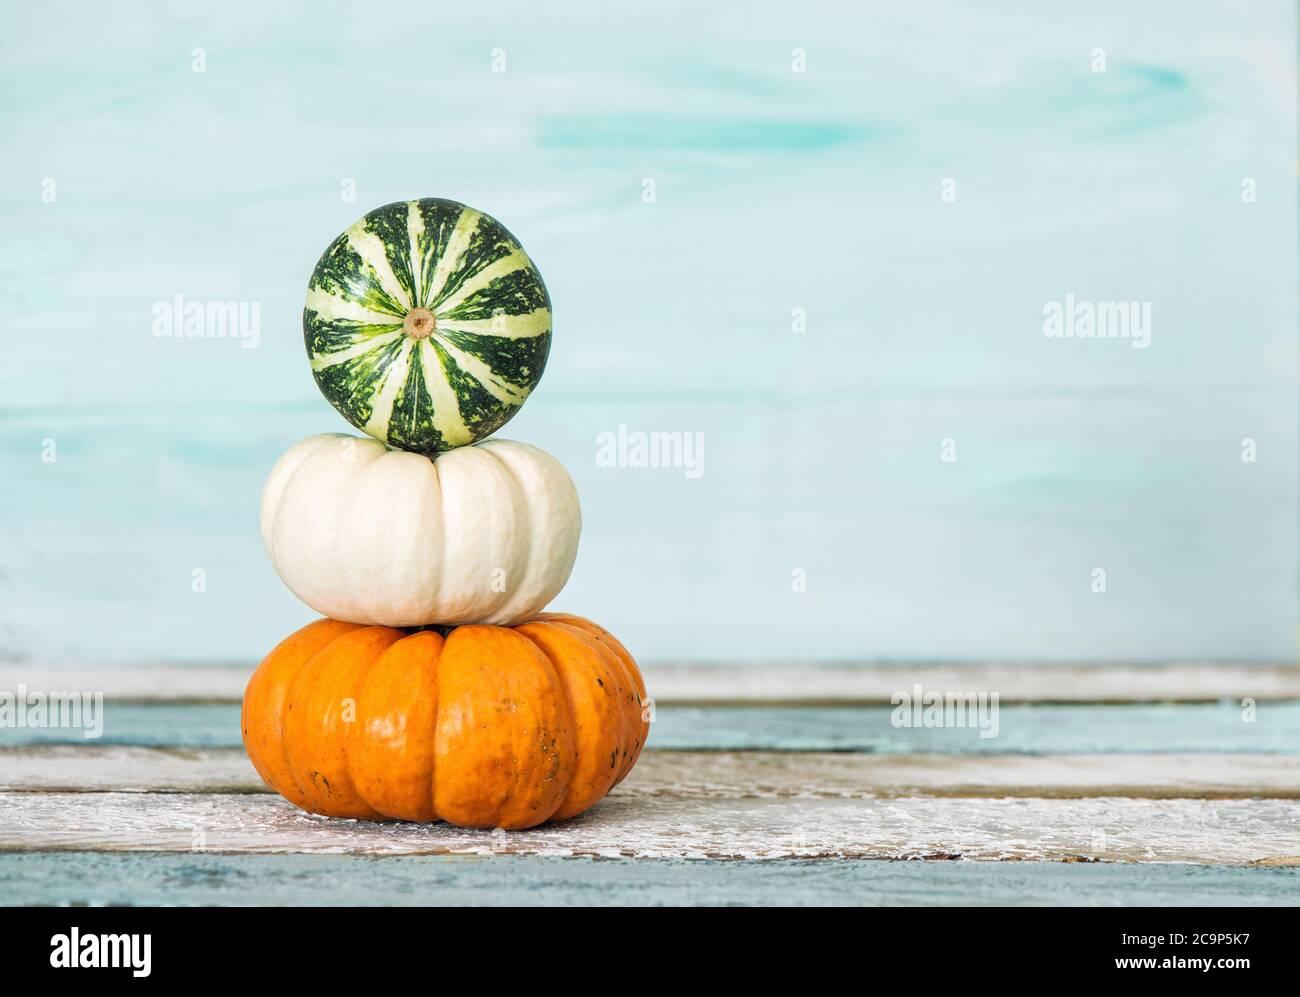 Automne. Thanksgiving. Décoration citrouille sur fond bleu Banque D'Images